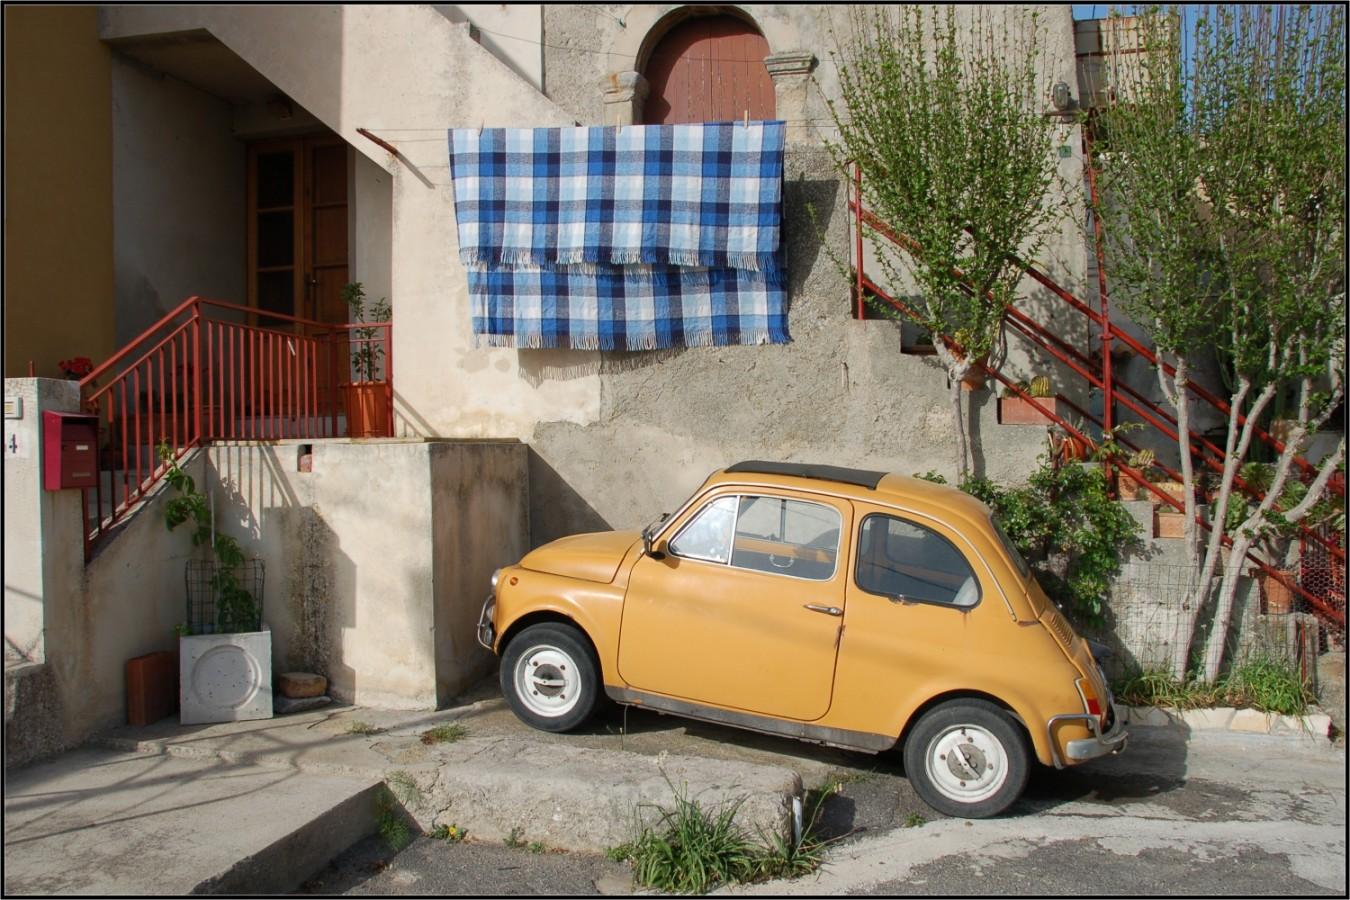 Hol jobb élni - a nyugis vidéken vagy a rohanós nagyvárosban?